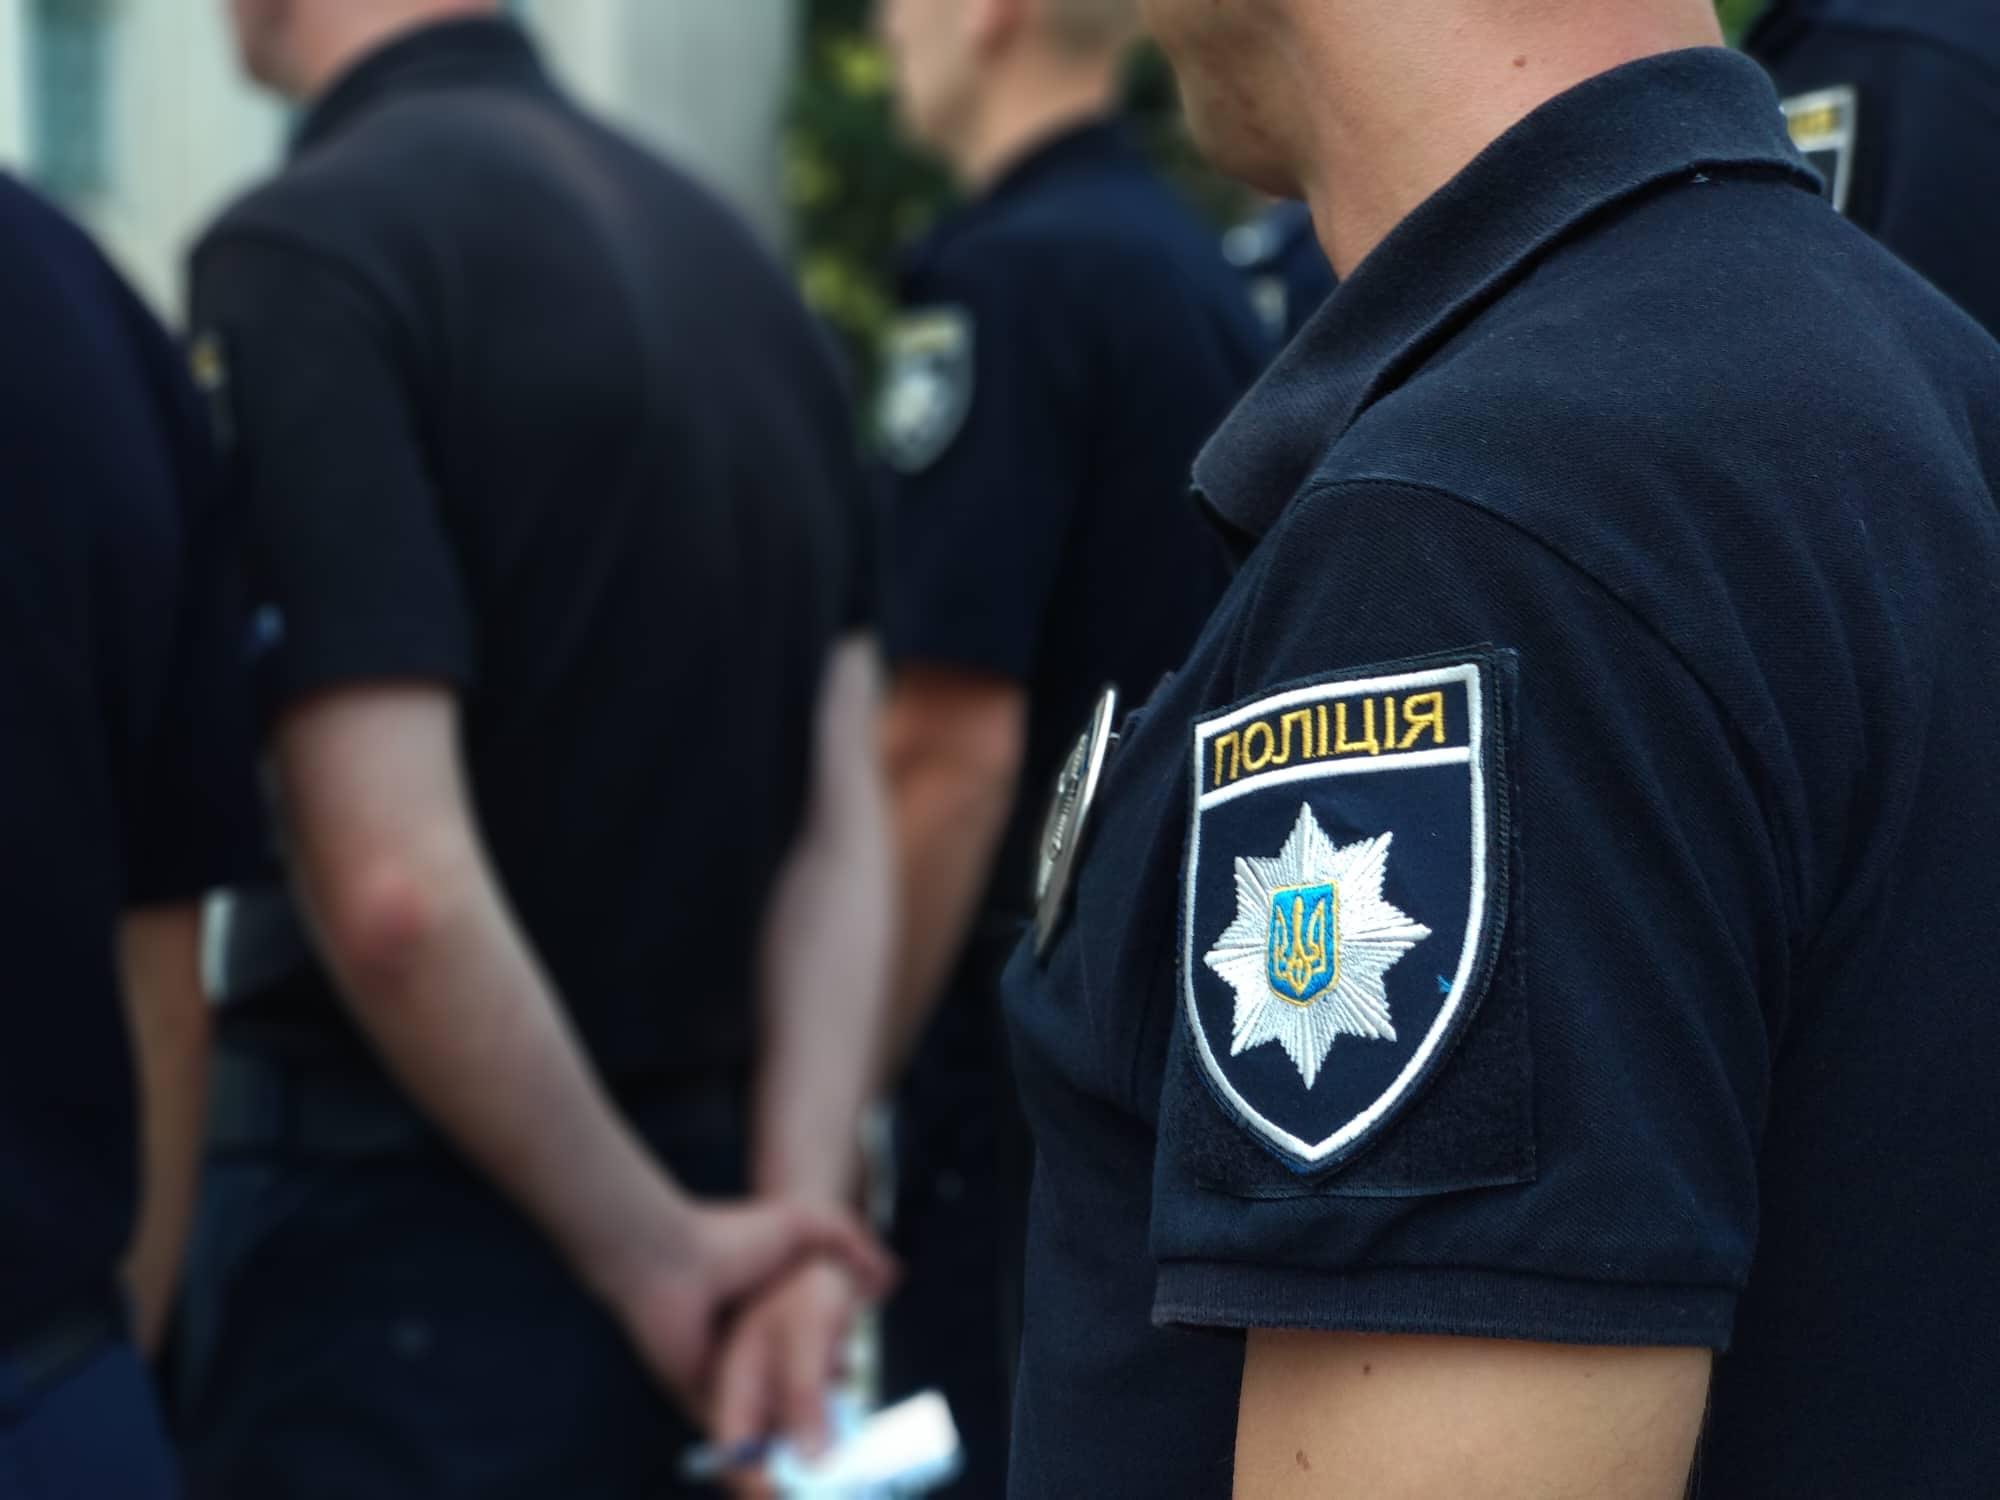 Поліція Мукачева запрошує на роботу - оголошено конкурс на вакантні посади.